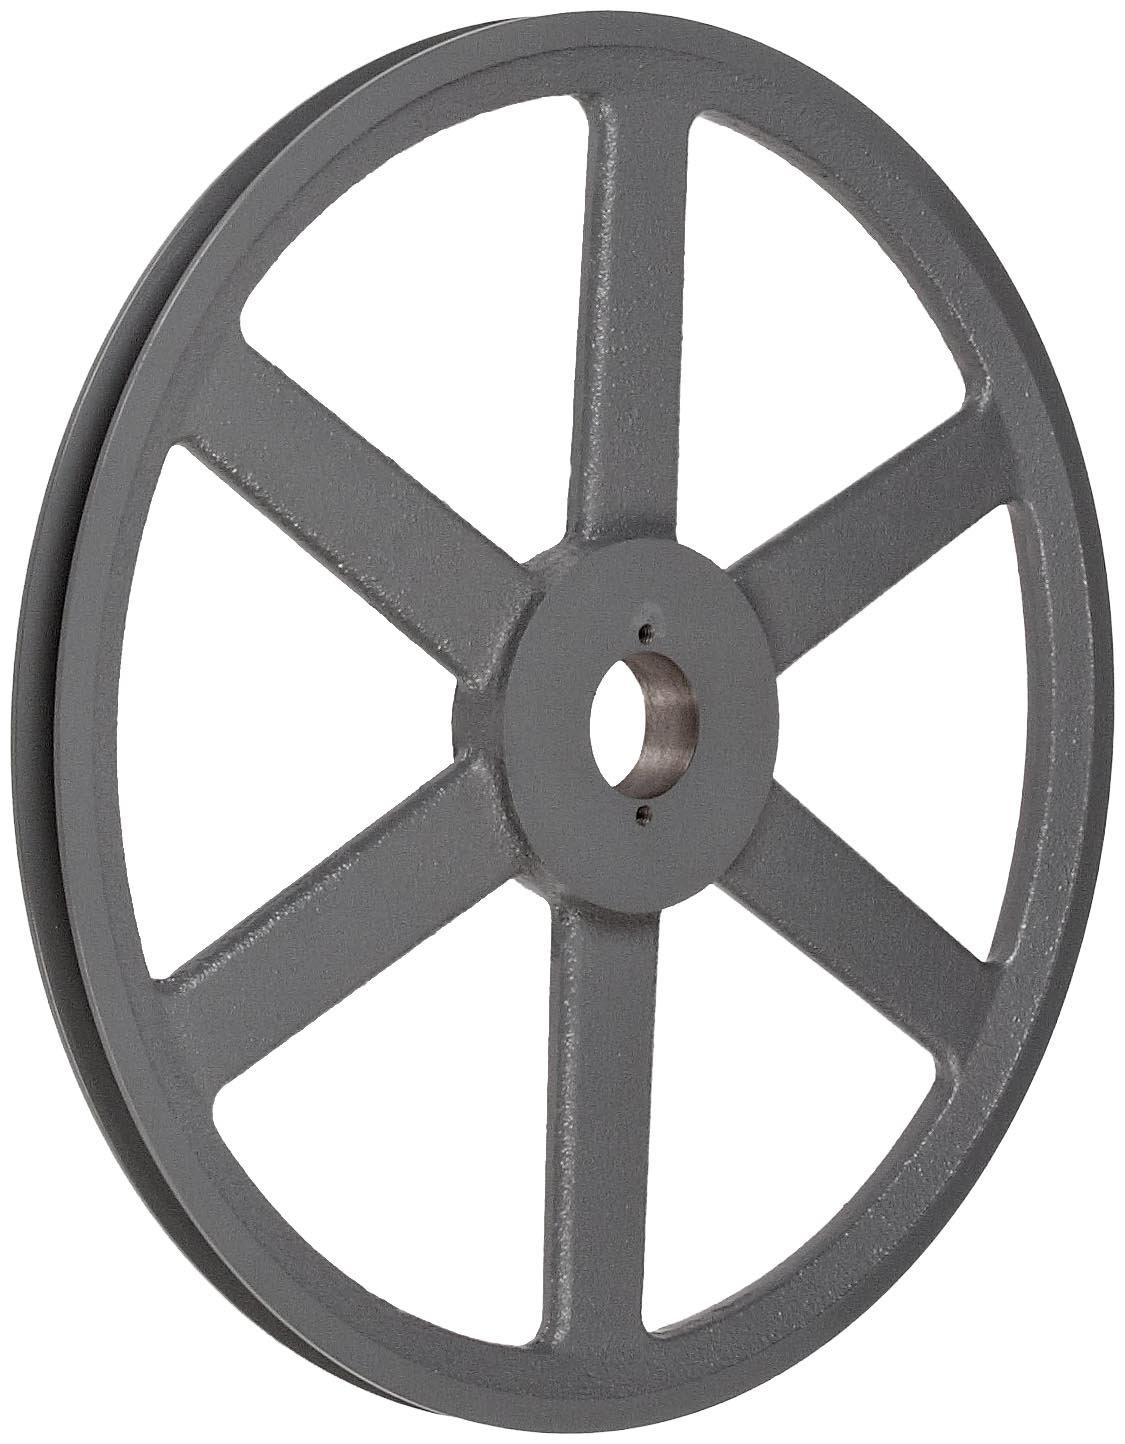 1 Groove TB Woods BK140 FHP QT Bushed V-Belt Sheave QT Bushing required B Belt Section 13.75 OD Cast Iron 1820 max rpm